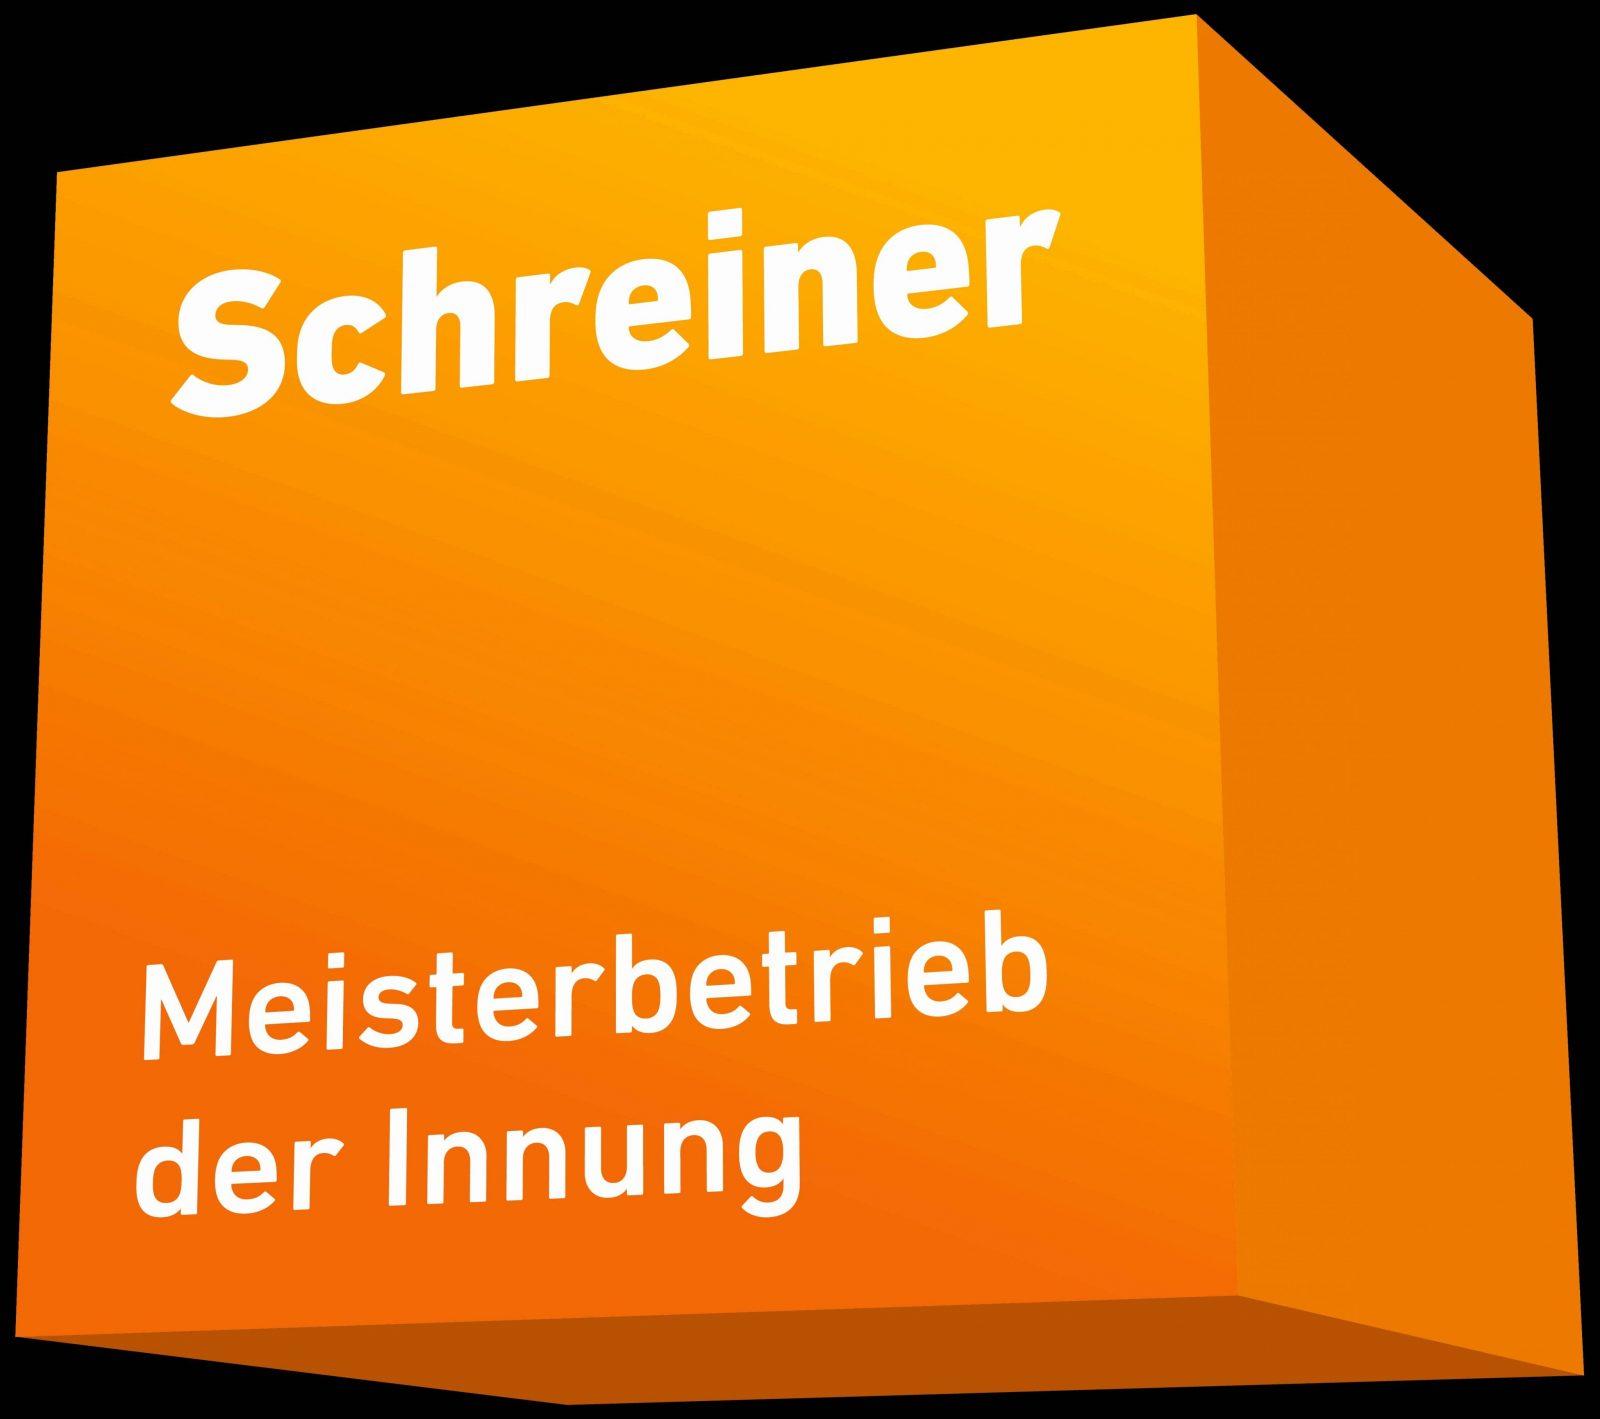 Unterschied Zwischen Schreiner Und Tischler Neu Die Schreinerei Und von Unterschied Zwischen Tischler Und Schreiner Photo